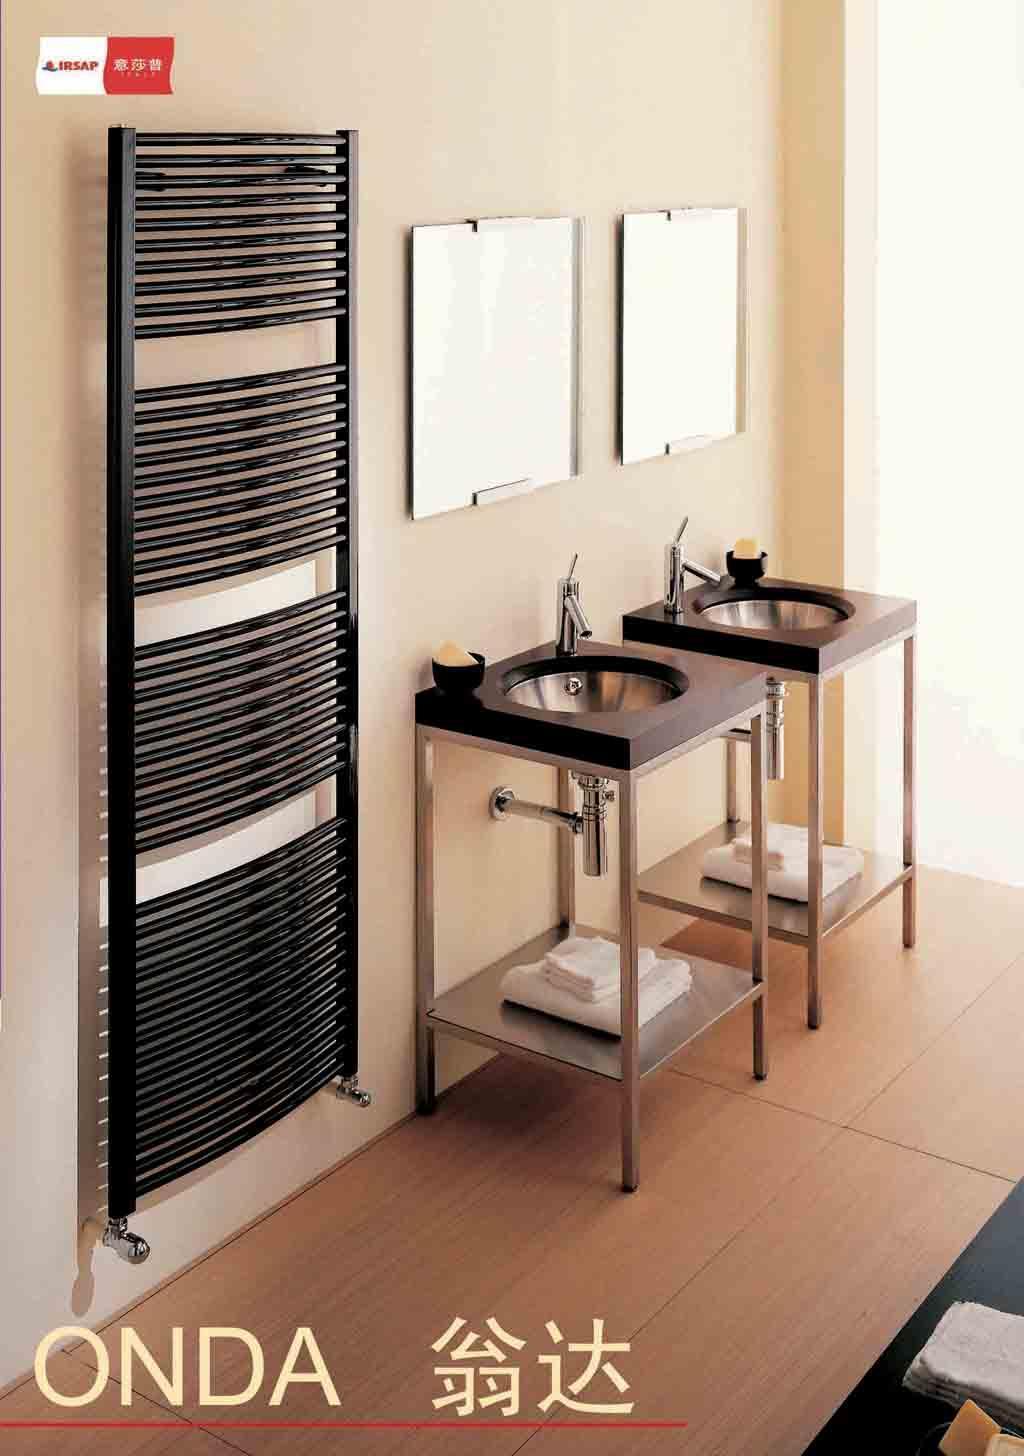 意莎普卫浴系列散热器翁达.OD508OD508